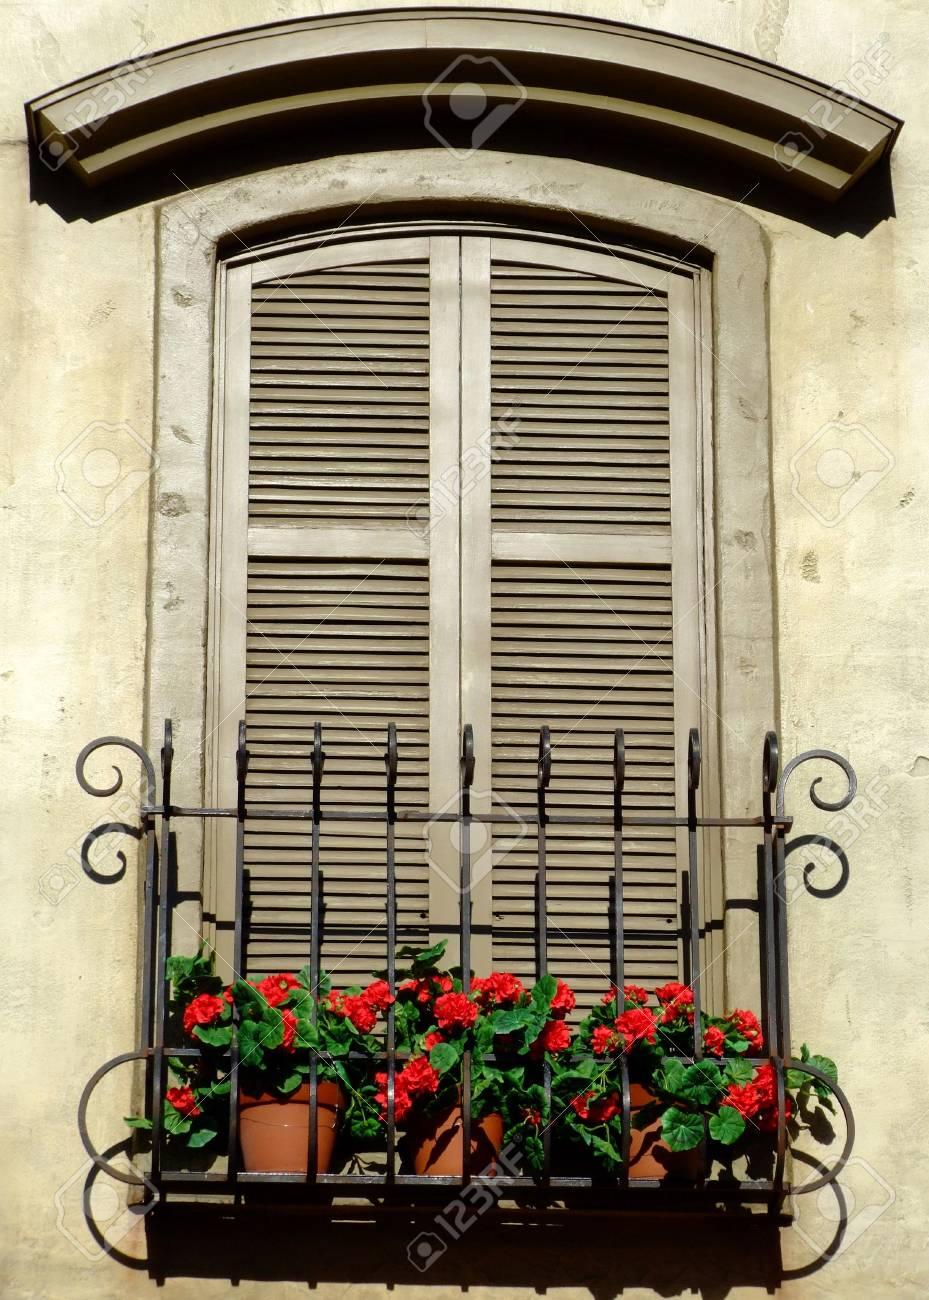 window Stock Photo - 7611131